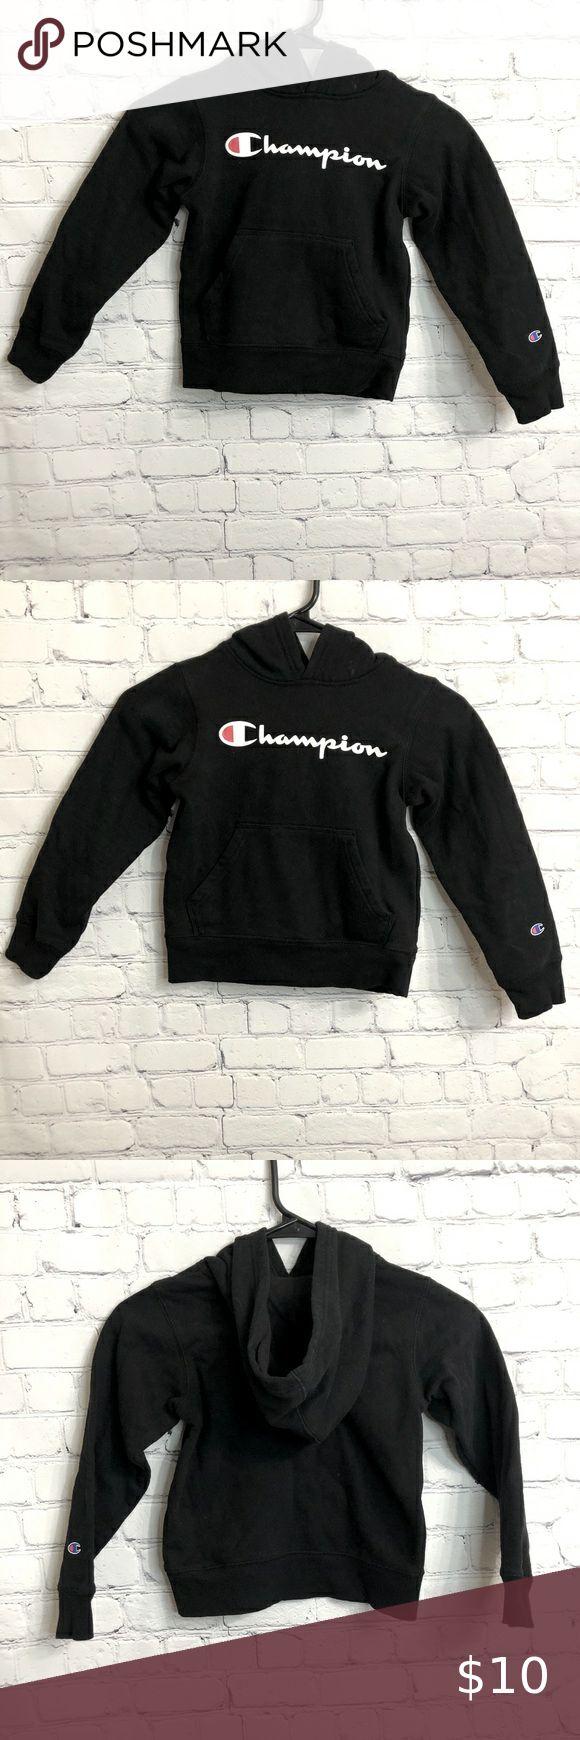 Sold Champion Athleticwear Hoodie Sweatshirt Sweatshirts Hoodie Grey Champion Sweatshirt Black Champion Hoodie [ 1740 x 580 Pixel ]